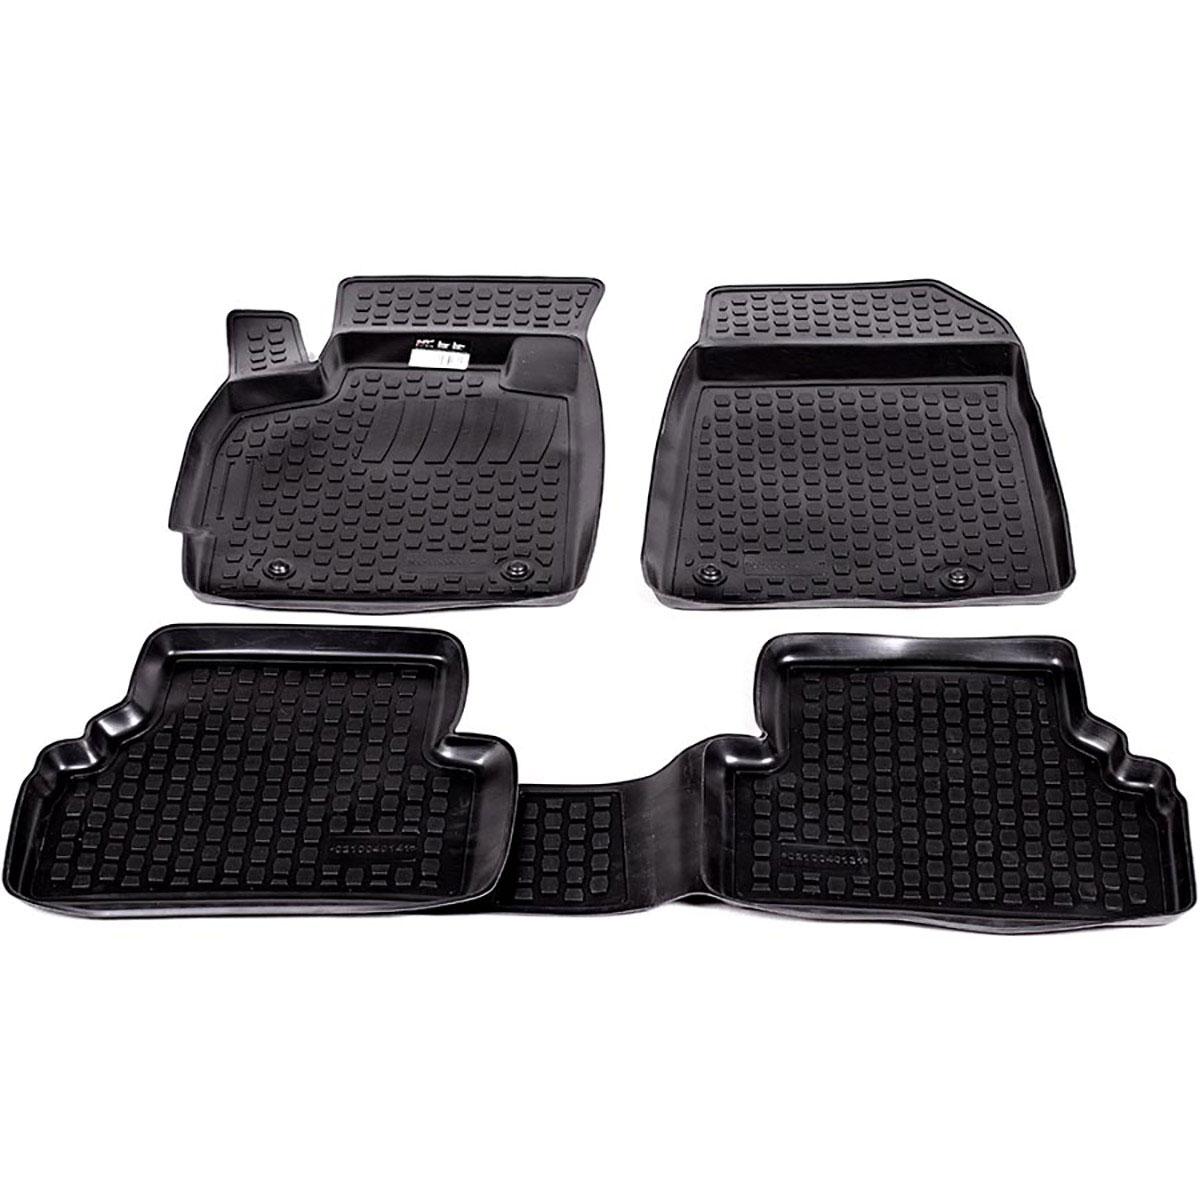 Набор автомобильных ковриков L.Locker для Mazda CX-7 (06-), в салон, 4 шт0210040101Коврики L.Locker производятся индивидуально для каждой модели автомобиля из современного и экологически чистого материала, точно повторяют геометрию пола автомобиля, имеют высокий борт от 3 см до 4 см, обладают повышенной износоустойчивостью, антискользящими свойствами, лишены резкого запаха, сохраняют свои потребительские свойства в широком диапазоне температур (от -50°С до +80°С).